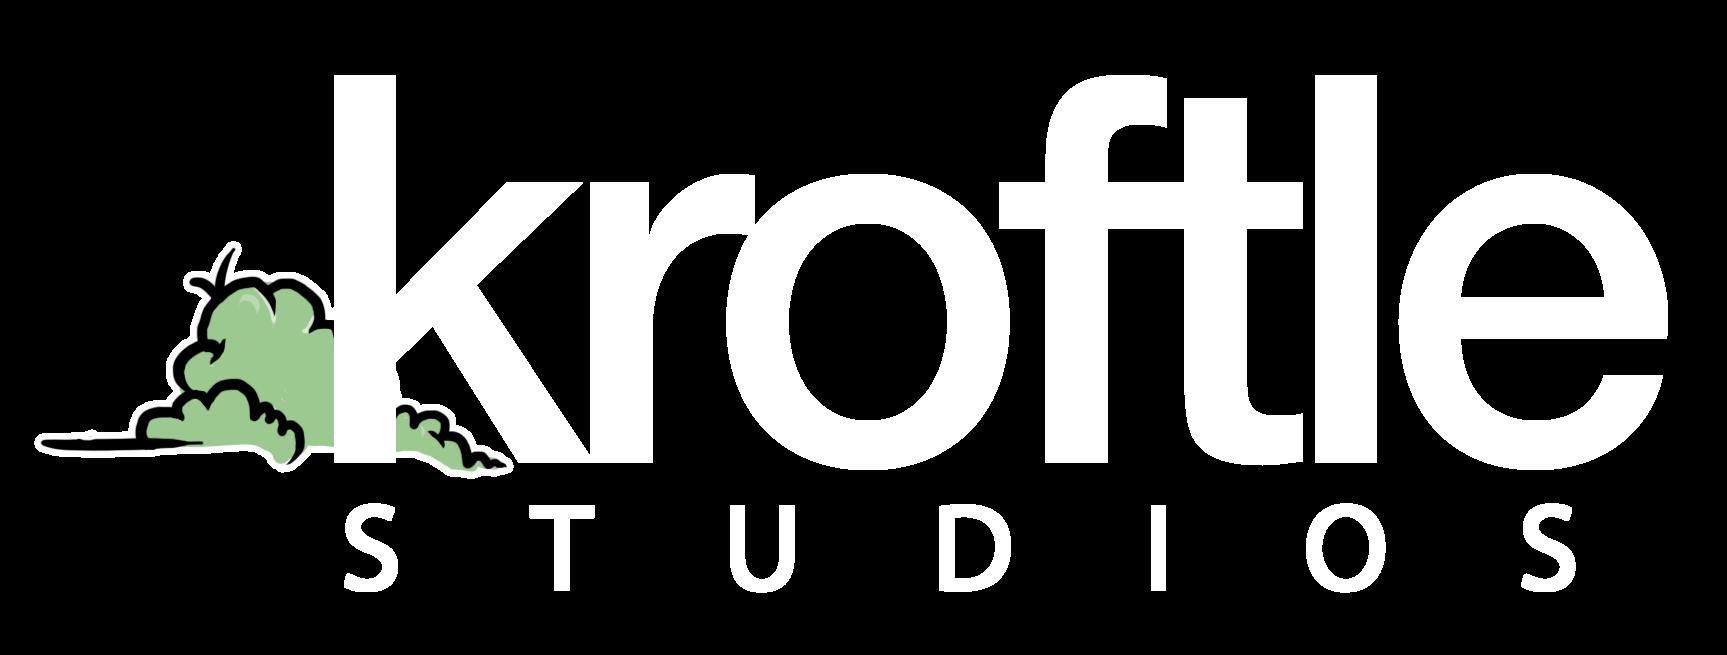 Kroftle studios